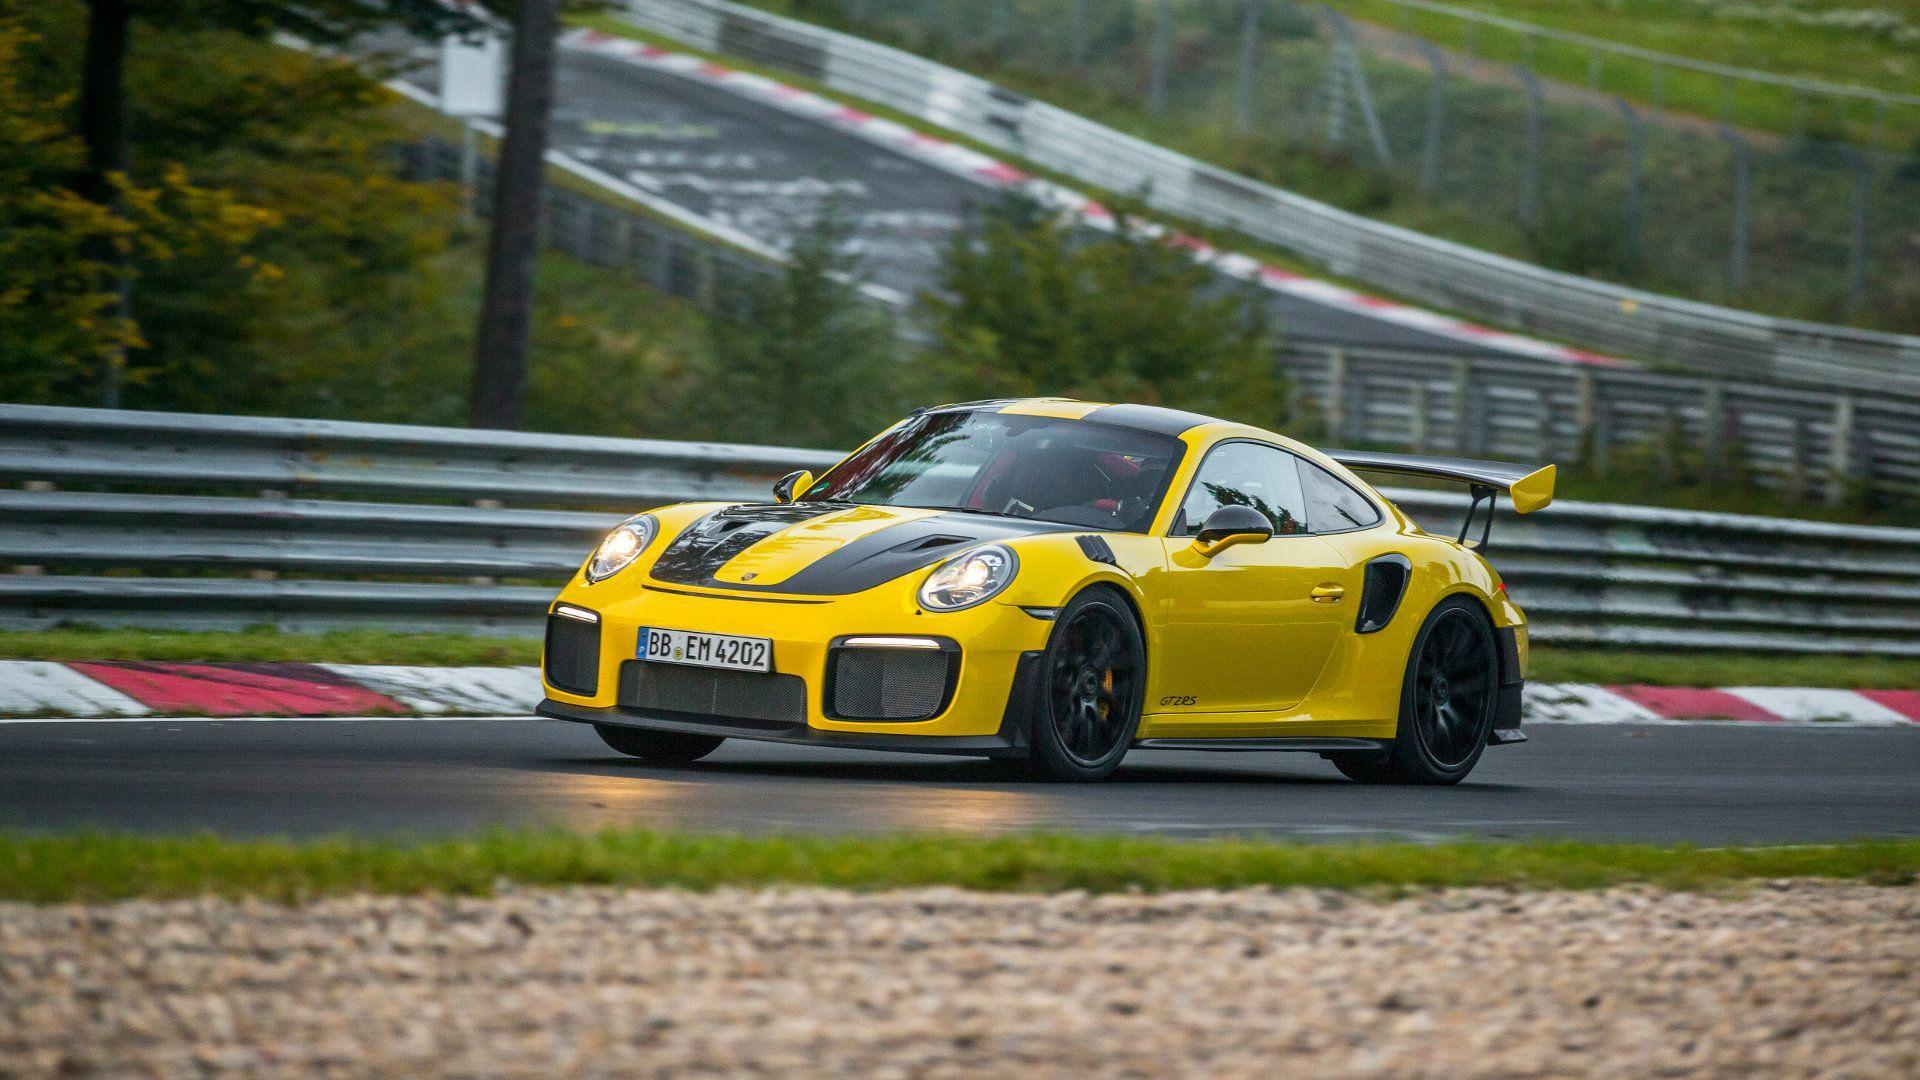 porsche-911-gt2-rs-nurburgring-record Gorgeous Porsche 911 Gt2 Rs Essai Cars Trend